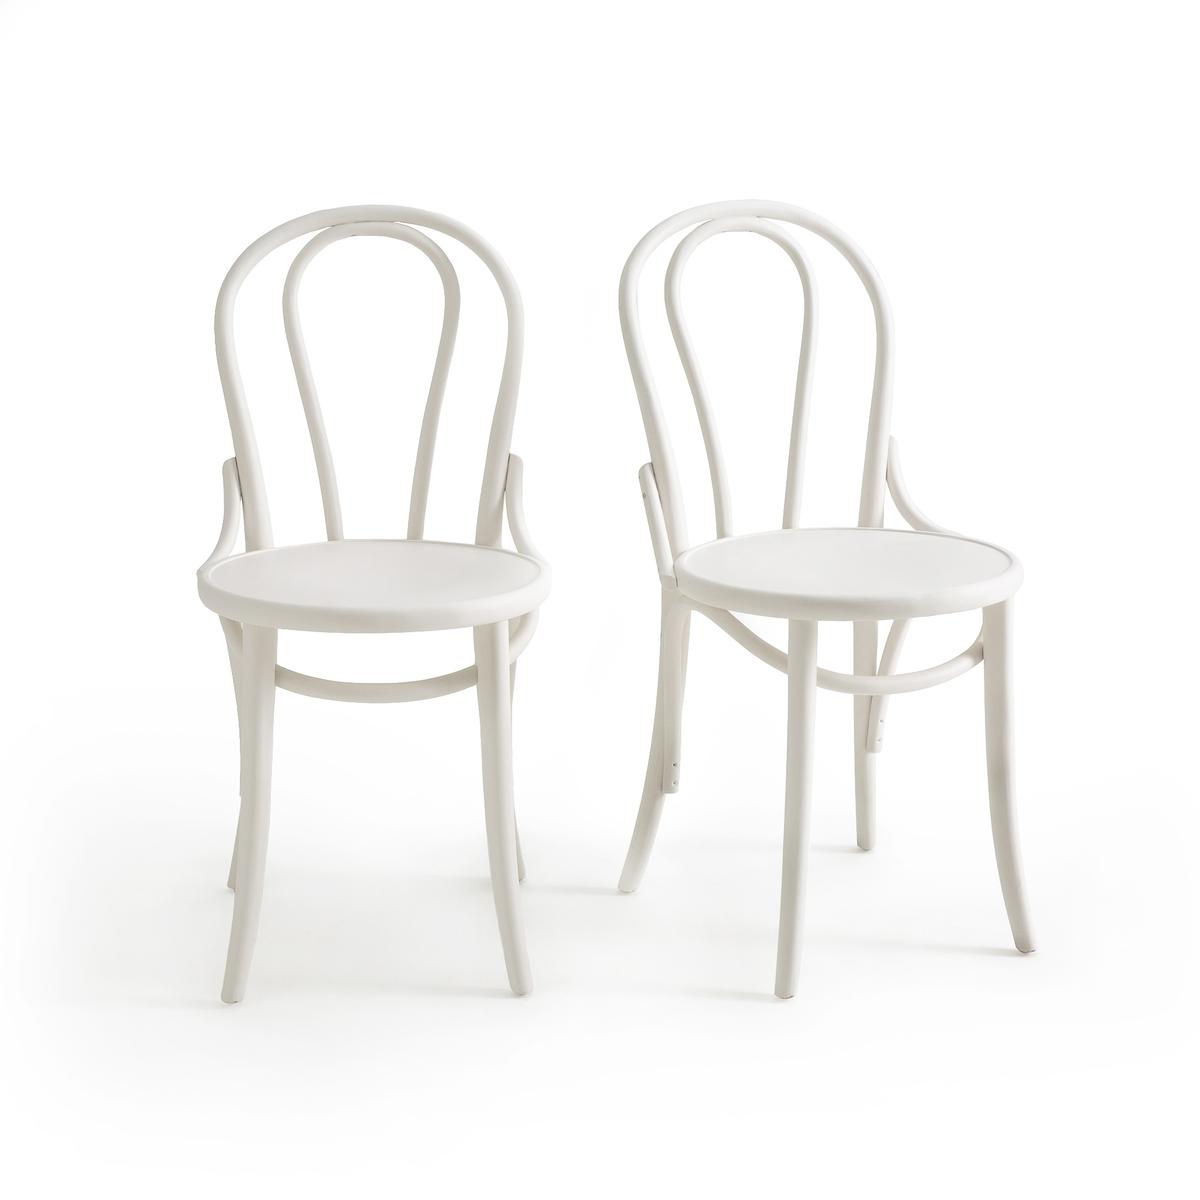 2 стула в стиле бистро TROKET2 стула в стиле бистро TROKET. Изготовленные по традиционной технологии стулья TROKET отличаются своей элегантностью и нестареющим стилем.Характеристики стула TROKET :Каркас из массива букаПокрытие нитроцеллюлозным лакомПродаются в собранном виде. Размеры стула TROKET :Общие :Ширина : 42,5 смВысота : 84,5 cmГлубина : 51 смРазмеры упаковки:- Ш97 x В53 x Г41 см Доставка :Доставка на этаж ! Внимание! Убедитесь в том, что дверные, лестничные и лифтовые проемы позволяют осуществить доставку товара с указанными габаритами.<br><br>Цвет: белый,черный